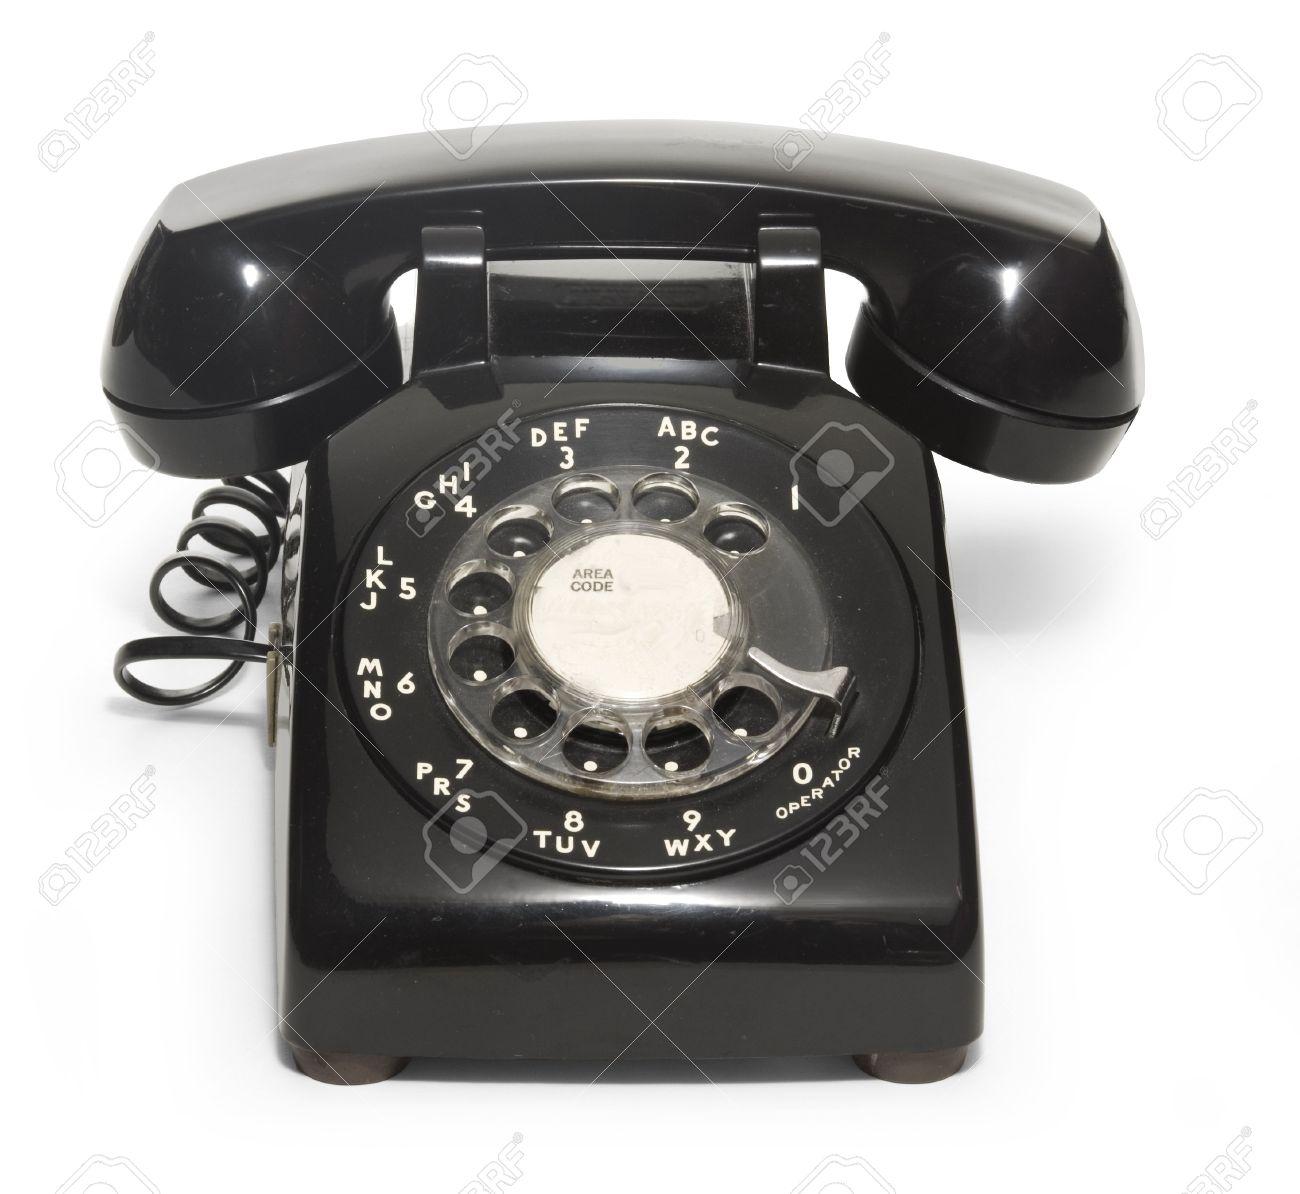 7039734-tel%C3%A9fono-del-1950-negro-sob